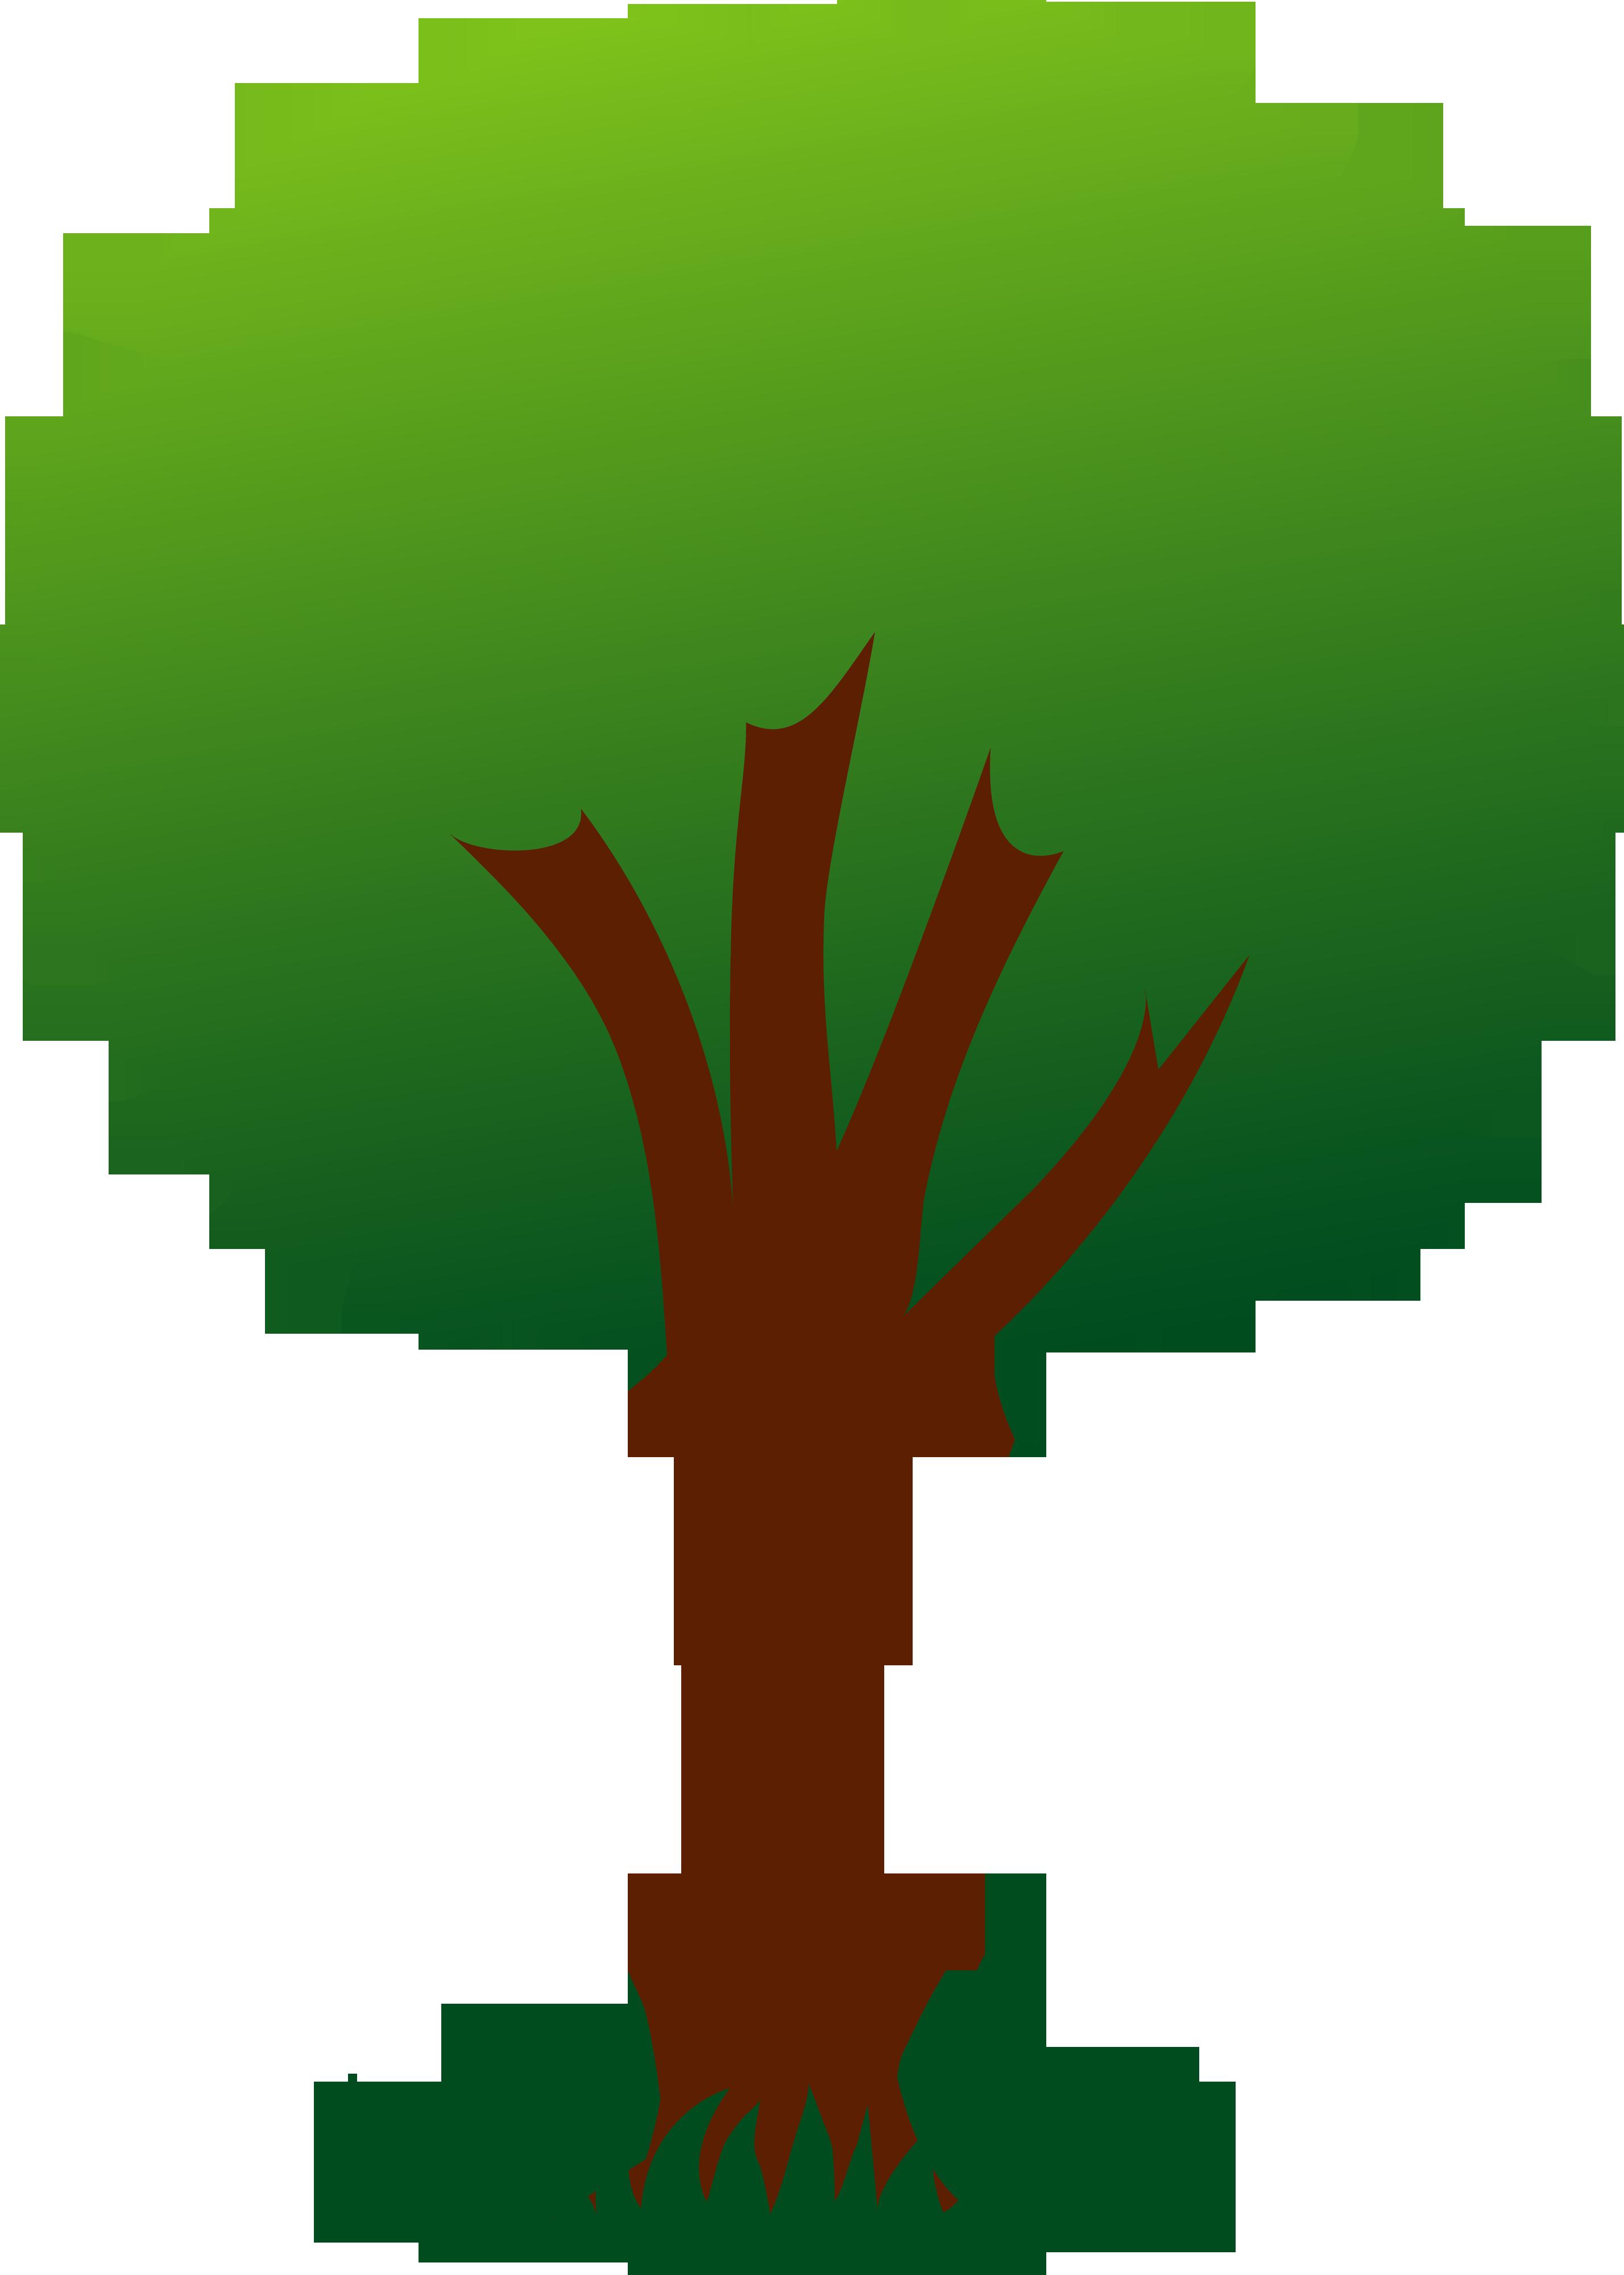 Cartoon Image Of Tree Clip Art Library 845,064 tree vectors on gograph. cartoon image of tree clip art library